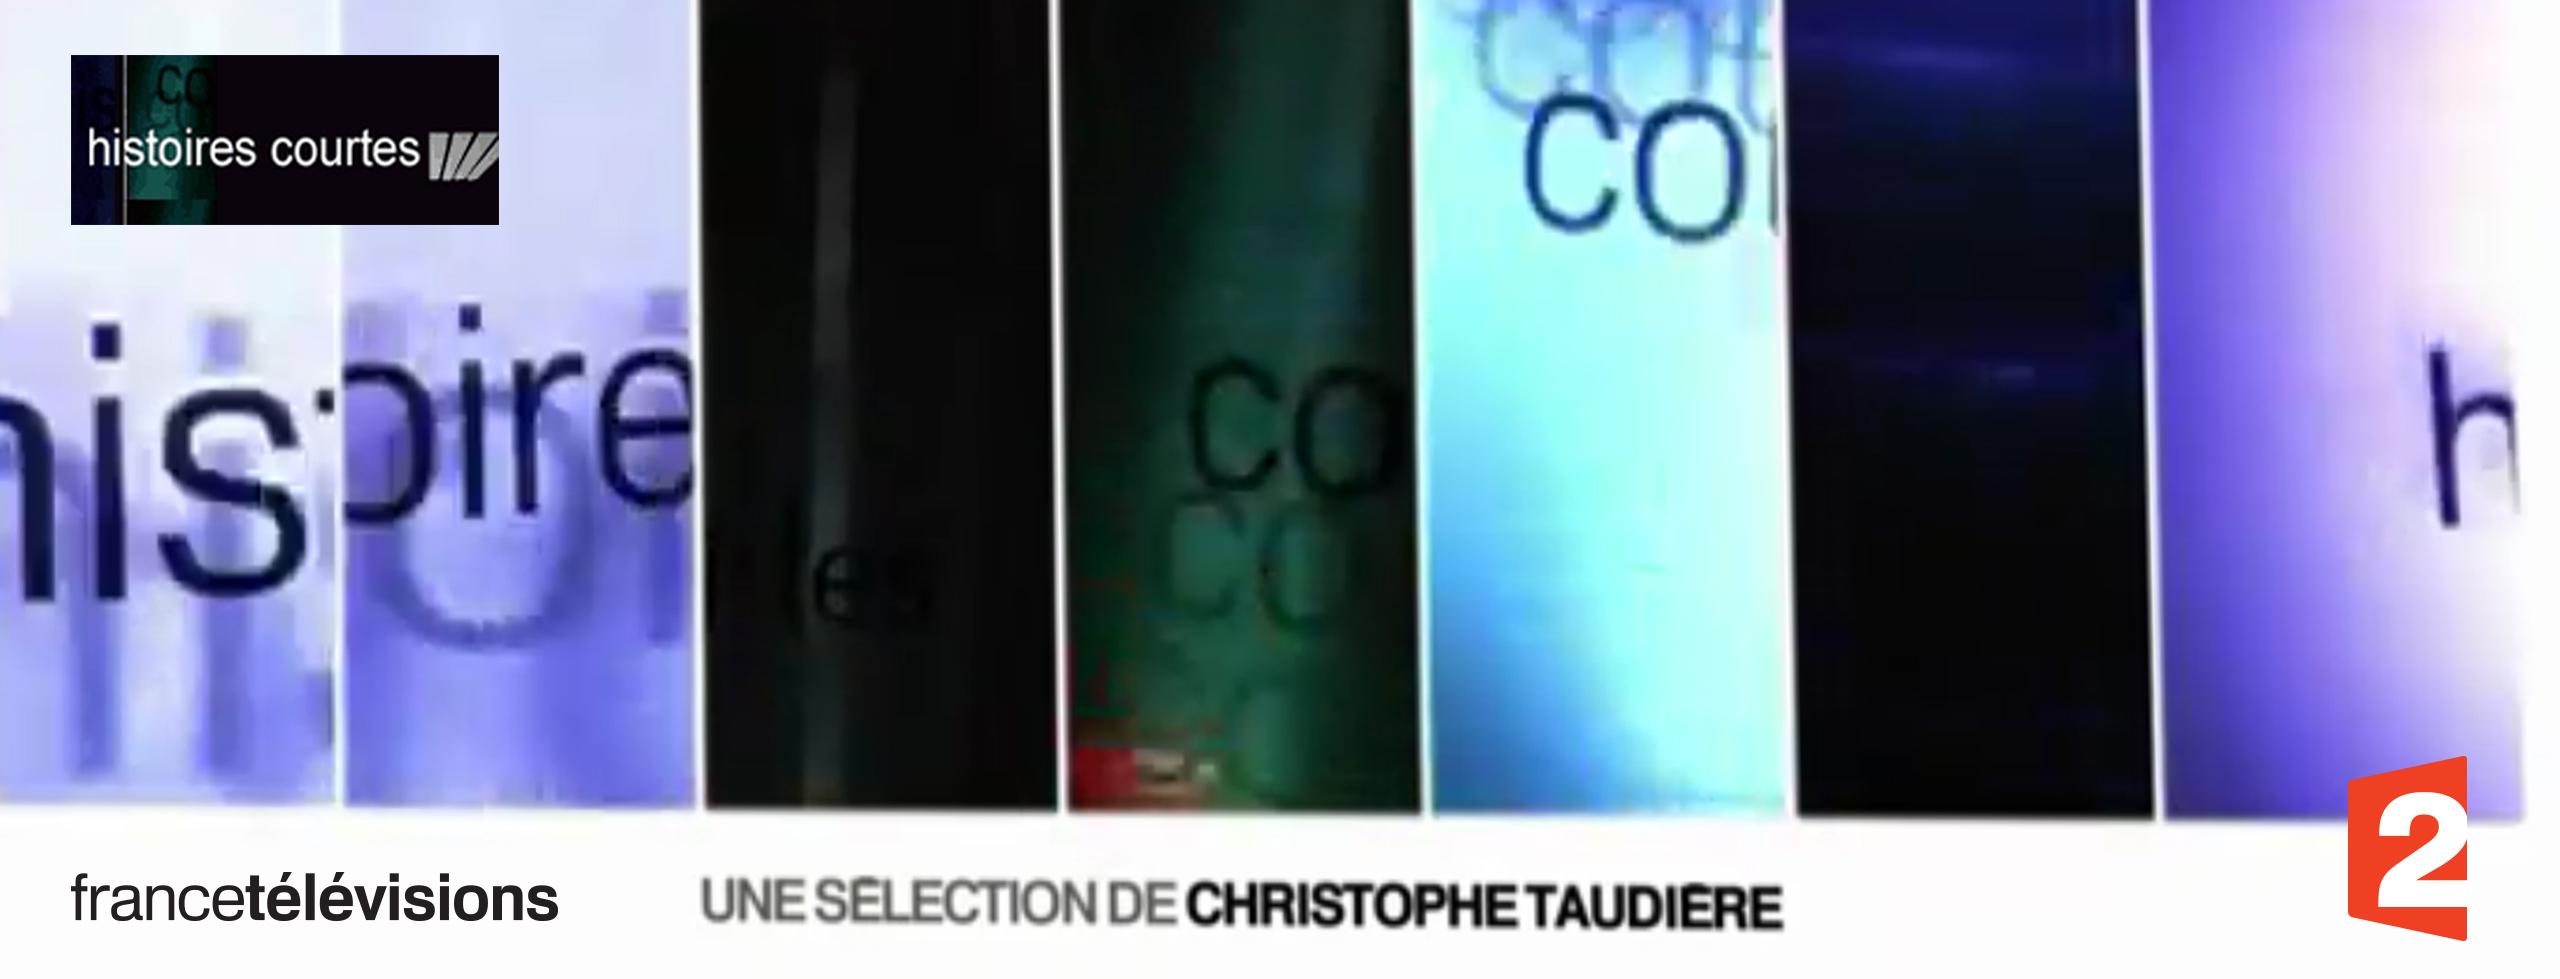 Banner-histoires-courtes-France-2-WEB